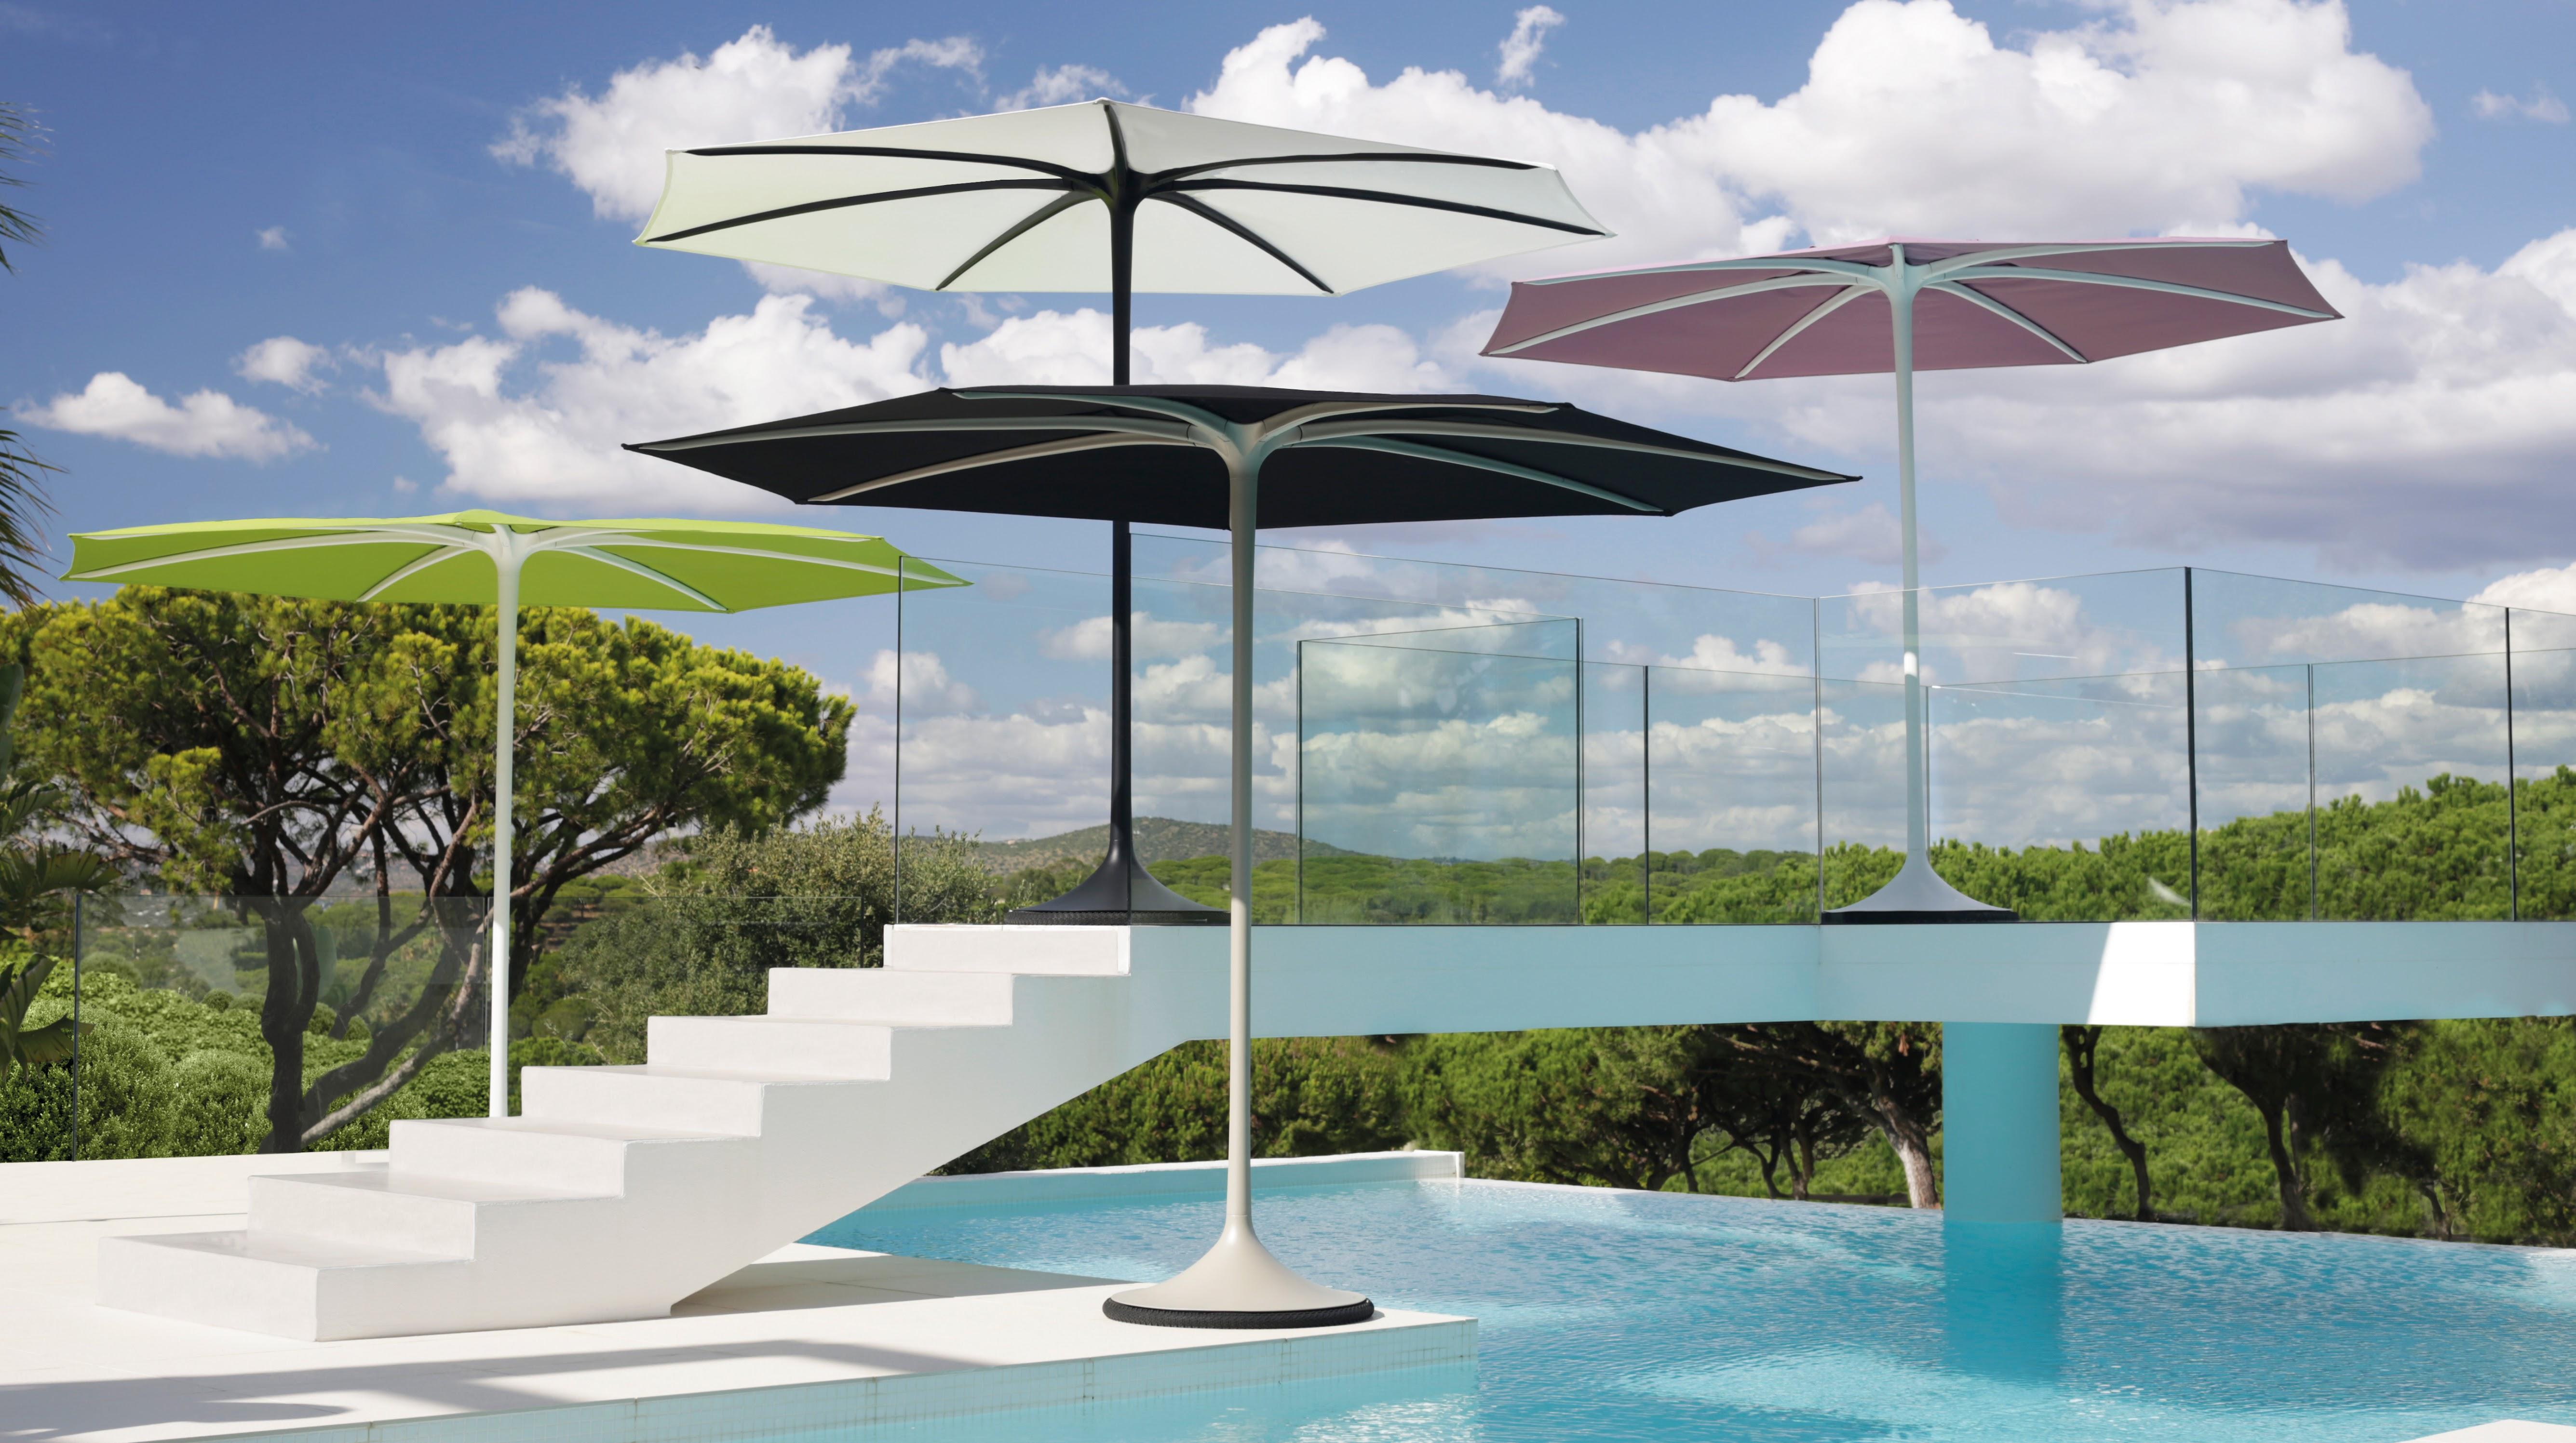 Palma Sonnenschirm Von Royal Botania Bruno Wickart Blog